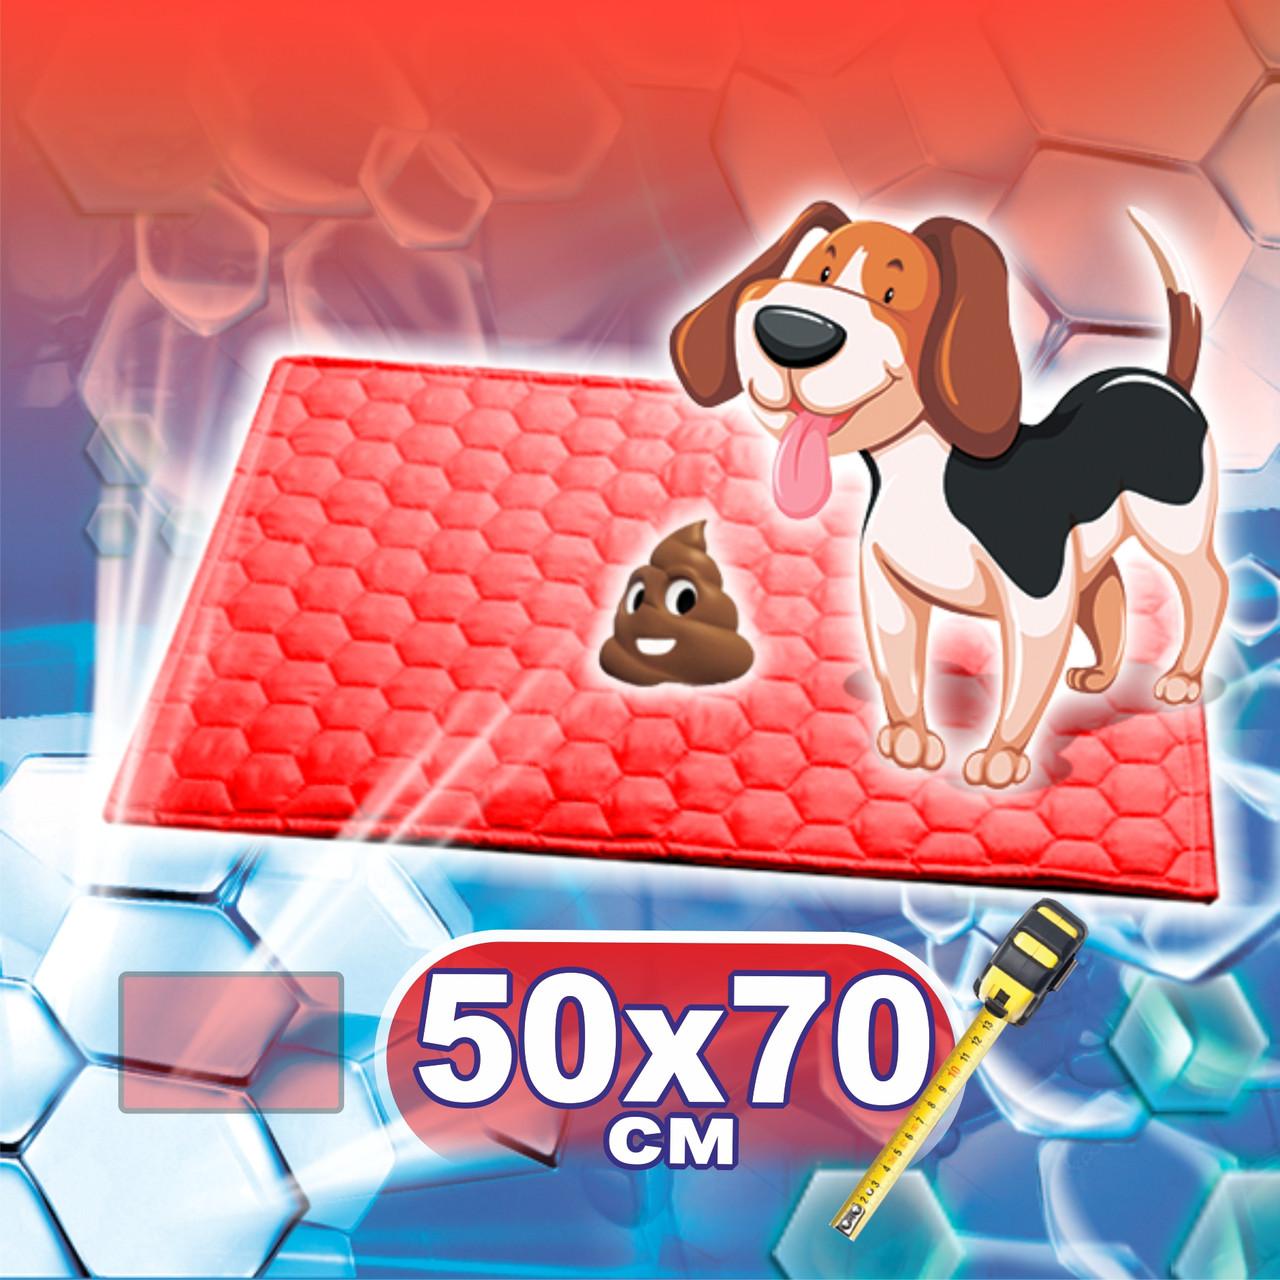 Многоразовая пеленка для собак 50х70 см непромокаемая красный